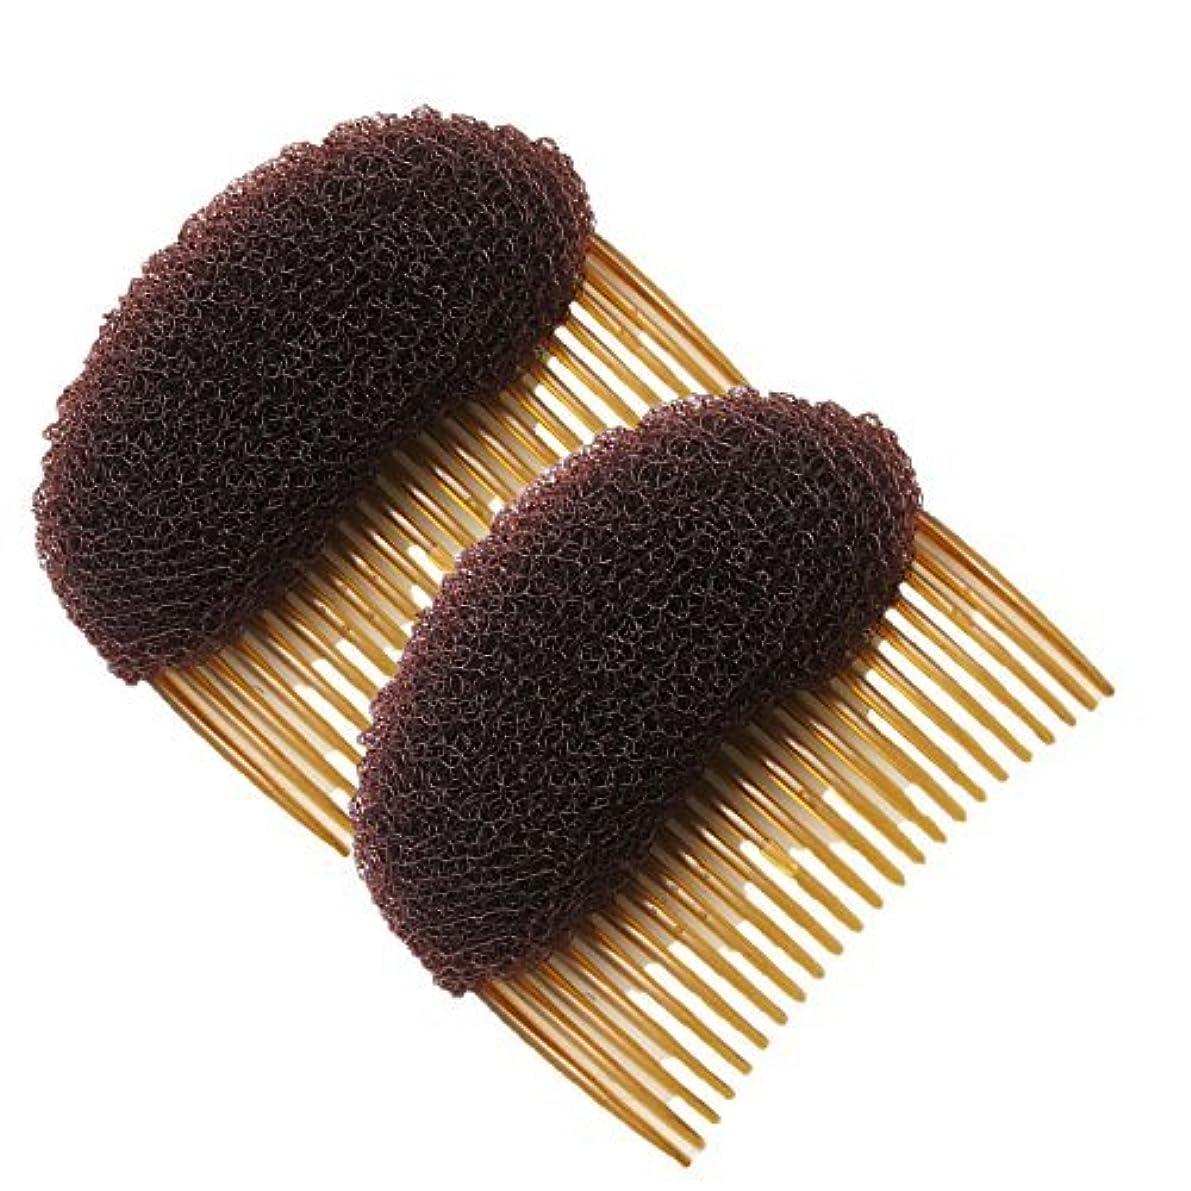 ガソリン勃起化石Healtheveryday?2PCS Charming BUMP IT UP Volume Inserts Do Beehive hair styler Insert Tool Hair Comb Black/Brown...